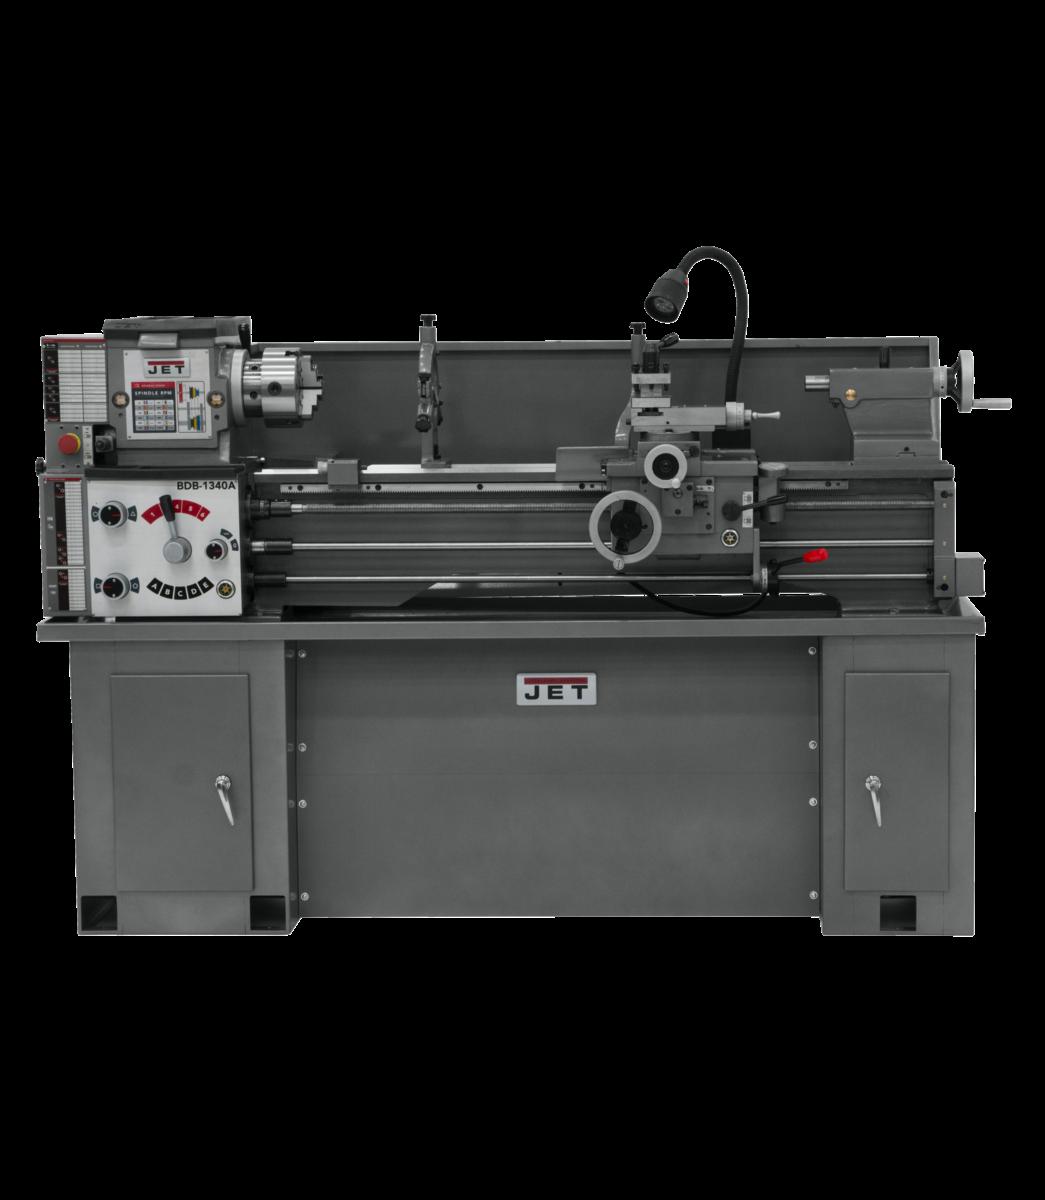 BDB-1340A W NMS300